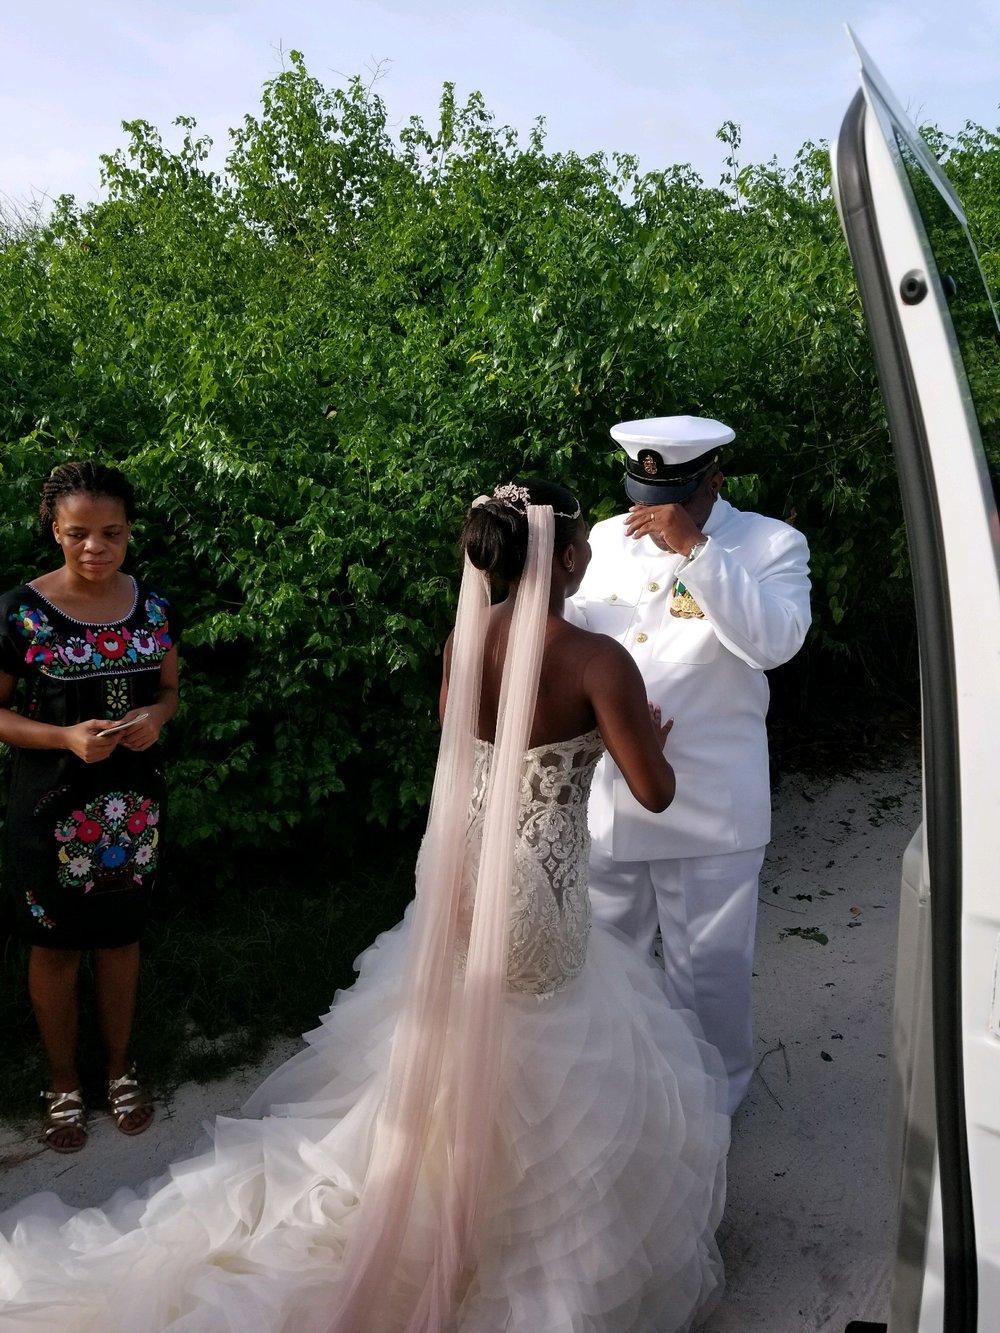 Black Destination Bride - BlackDesti Wedding Countdown Journal - Bridefriends Podcast - 0 Playa del Carmen Mexico - Blue Venado - Shenko Photography - Dad Navy Chief Uniform3.JPG